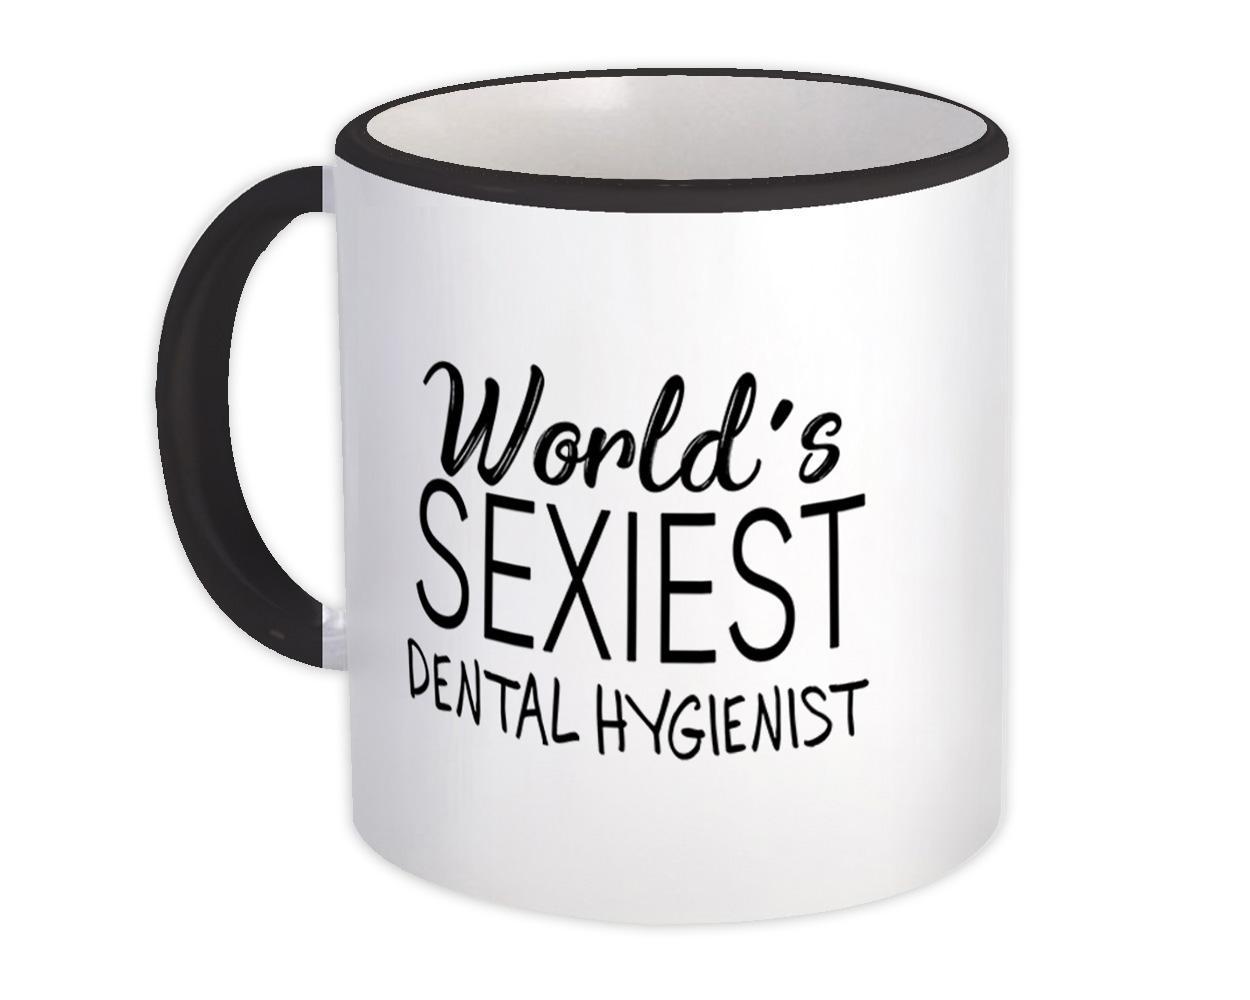 Worlds Sexiest DENTAL HYGIENIST : Gift Mug Profession Work Friend Coworker